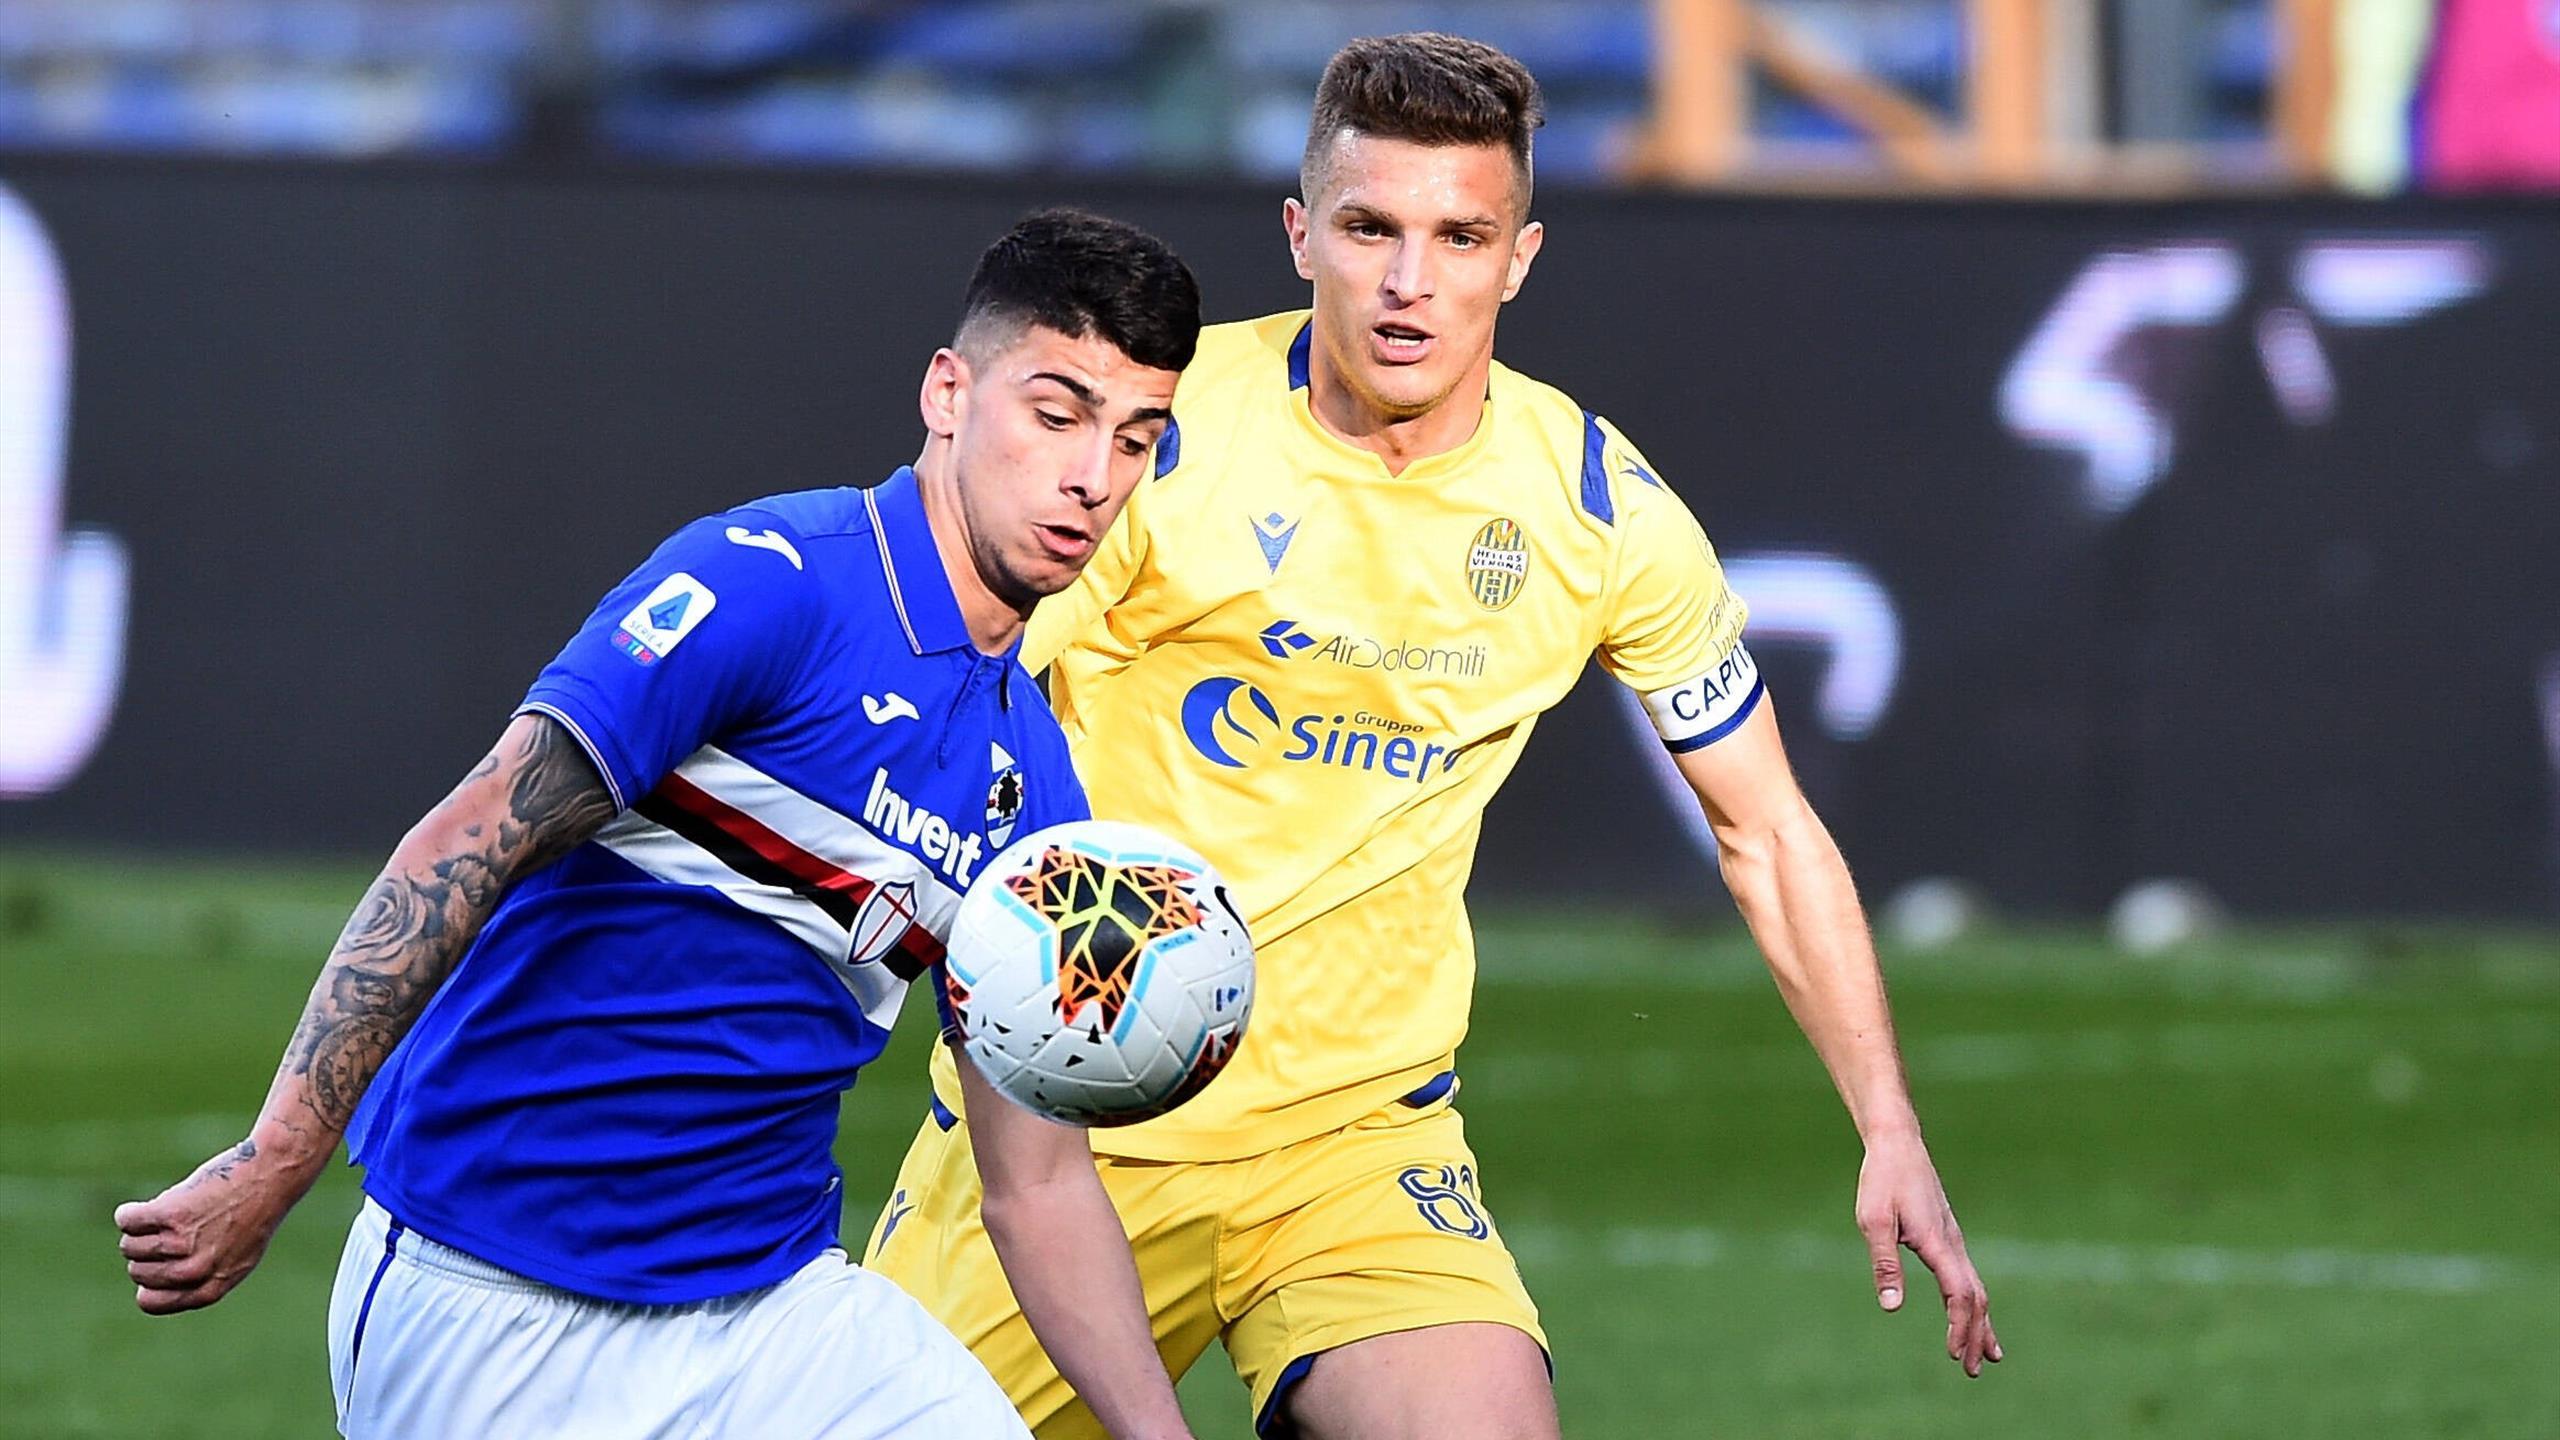 Le pagelle di Sampdoria-Verona 2-1: Depaoli suona la ...